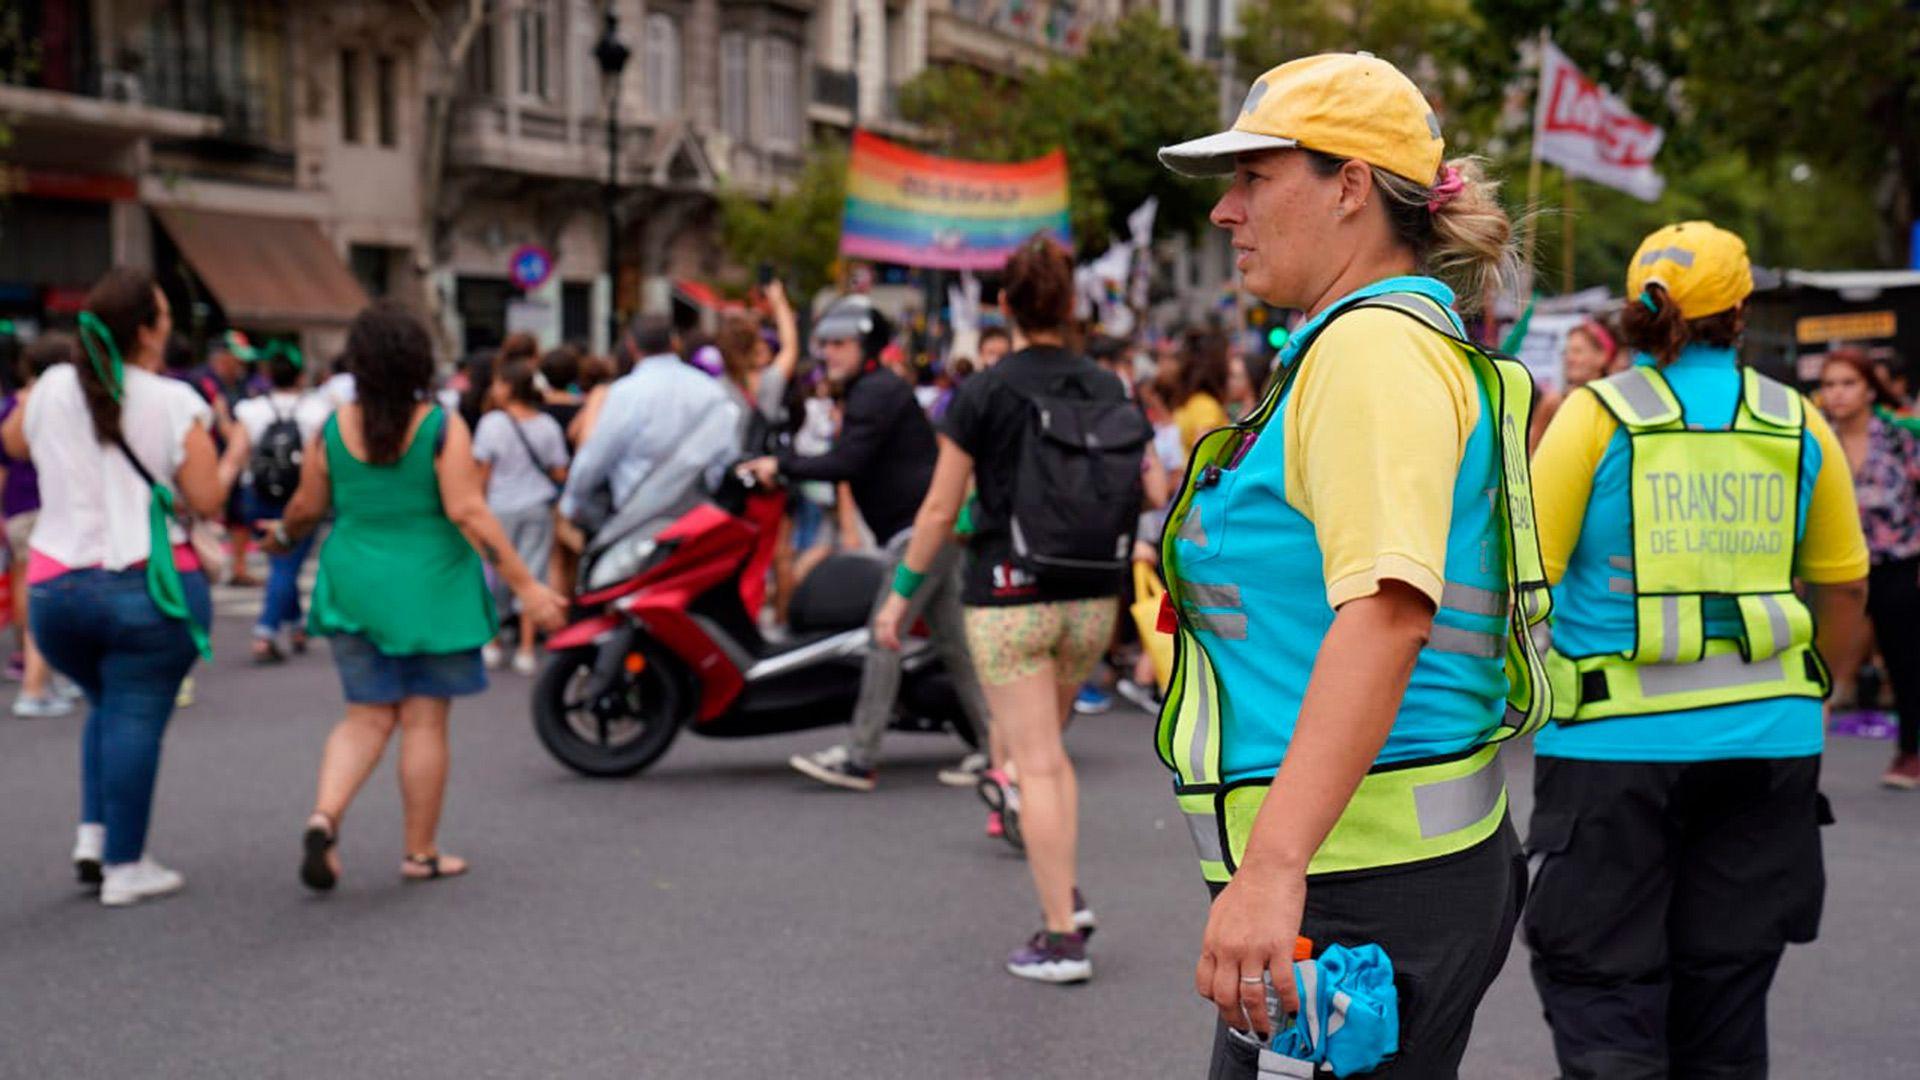 La marcha estuvo custodiada por mujeres policías de la Ciudad (Camila Ferreyra)